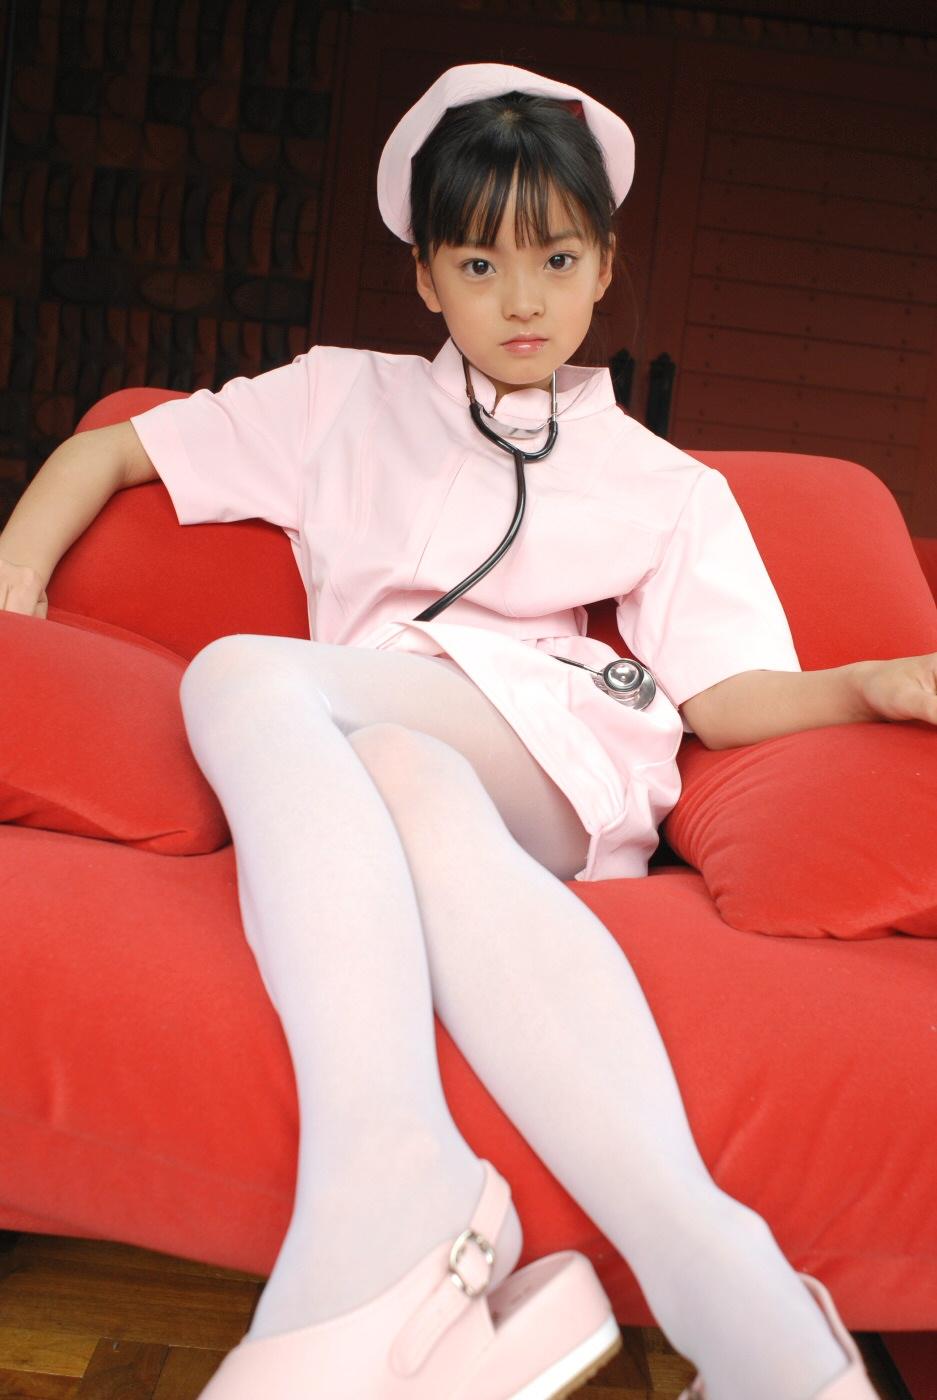 日本丝袜护士图片_河西莉子高清美图_QQ头像专区